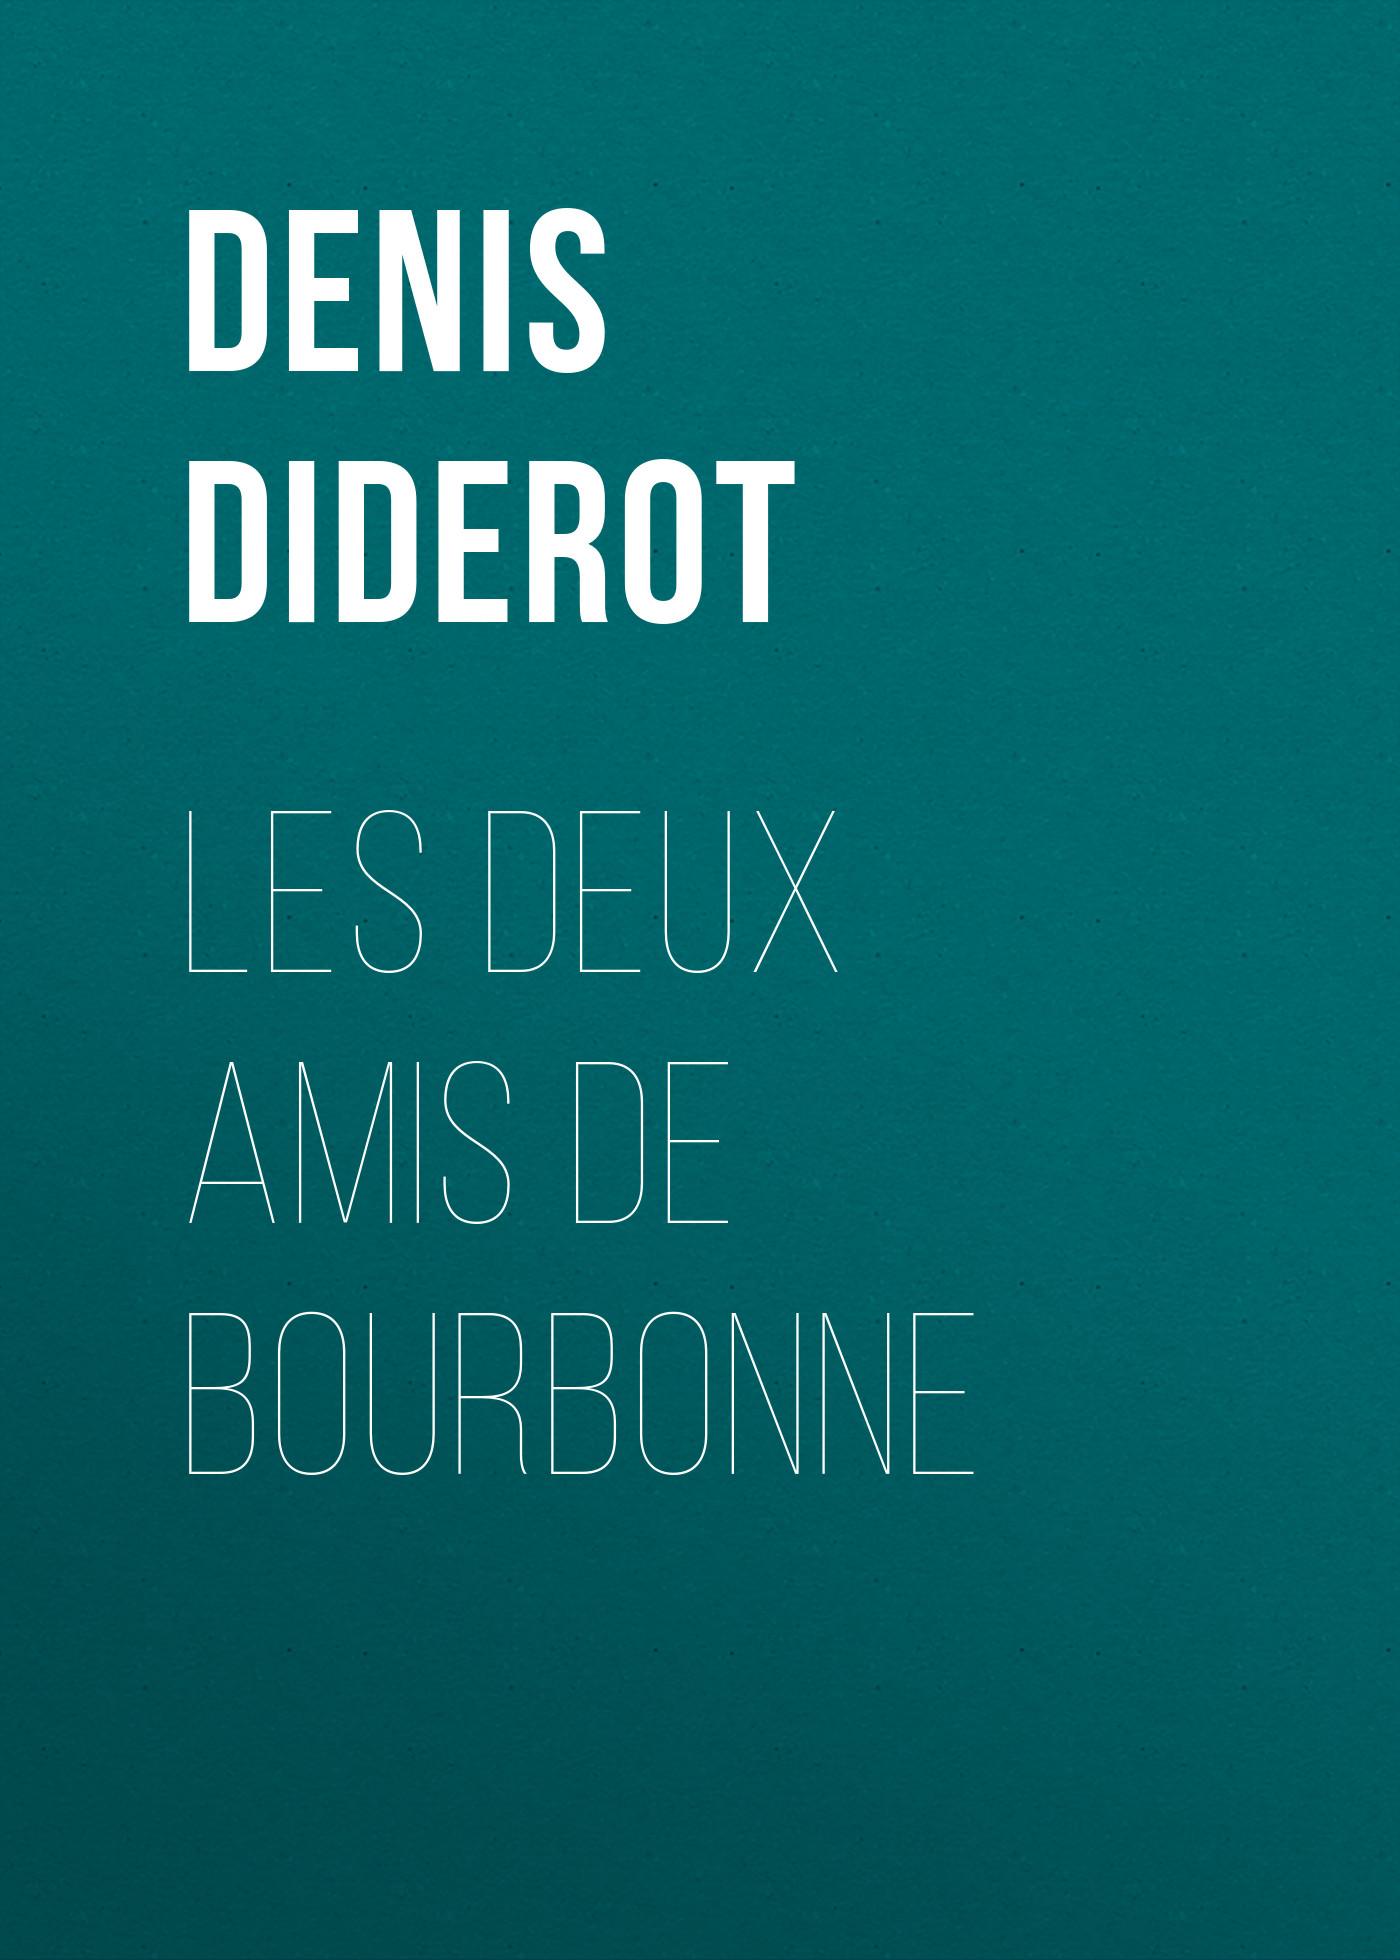 Denis Diderot Les deux amis de Bourbonne цена и фото